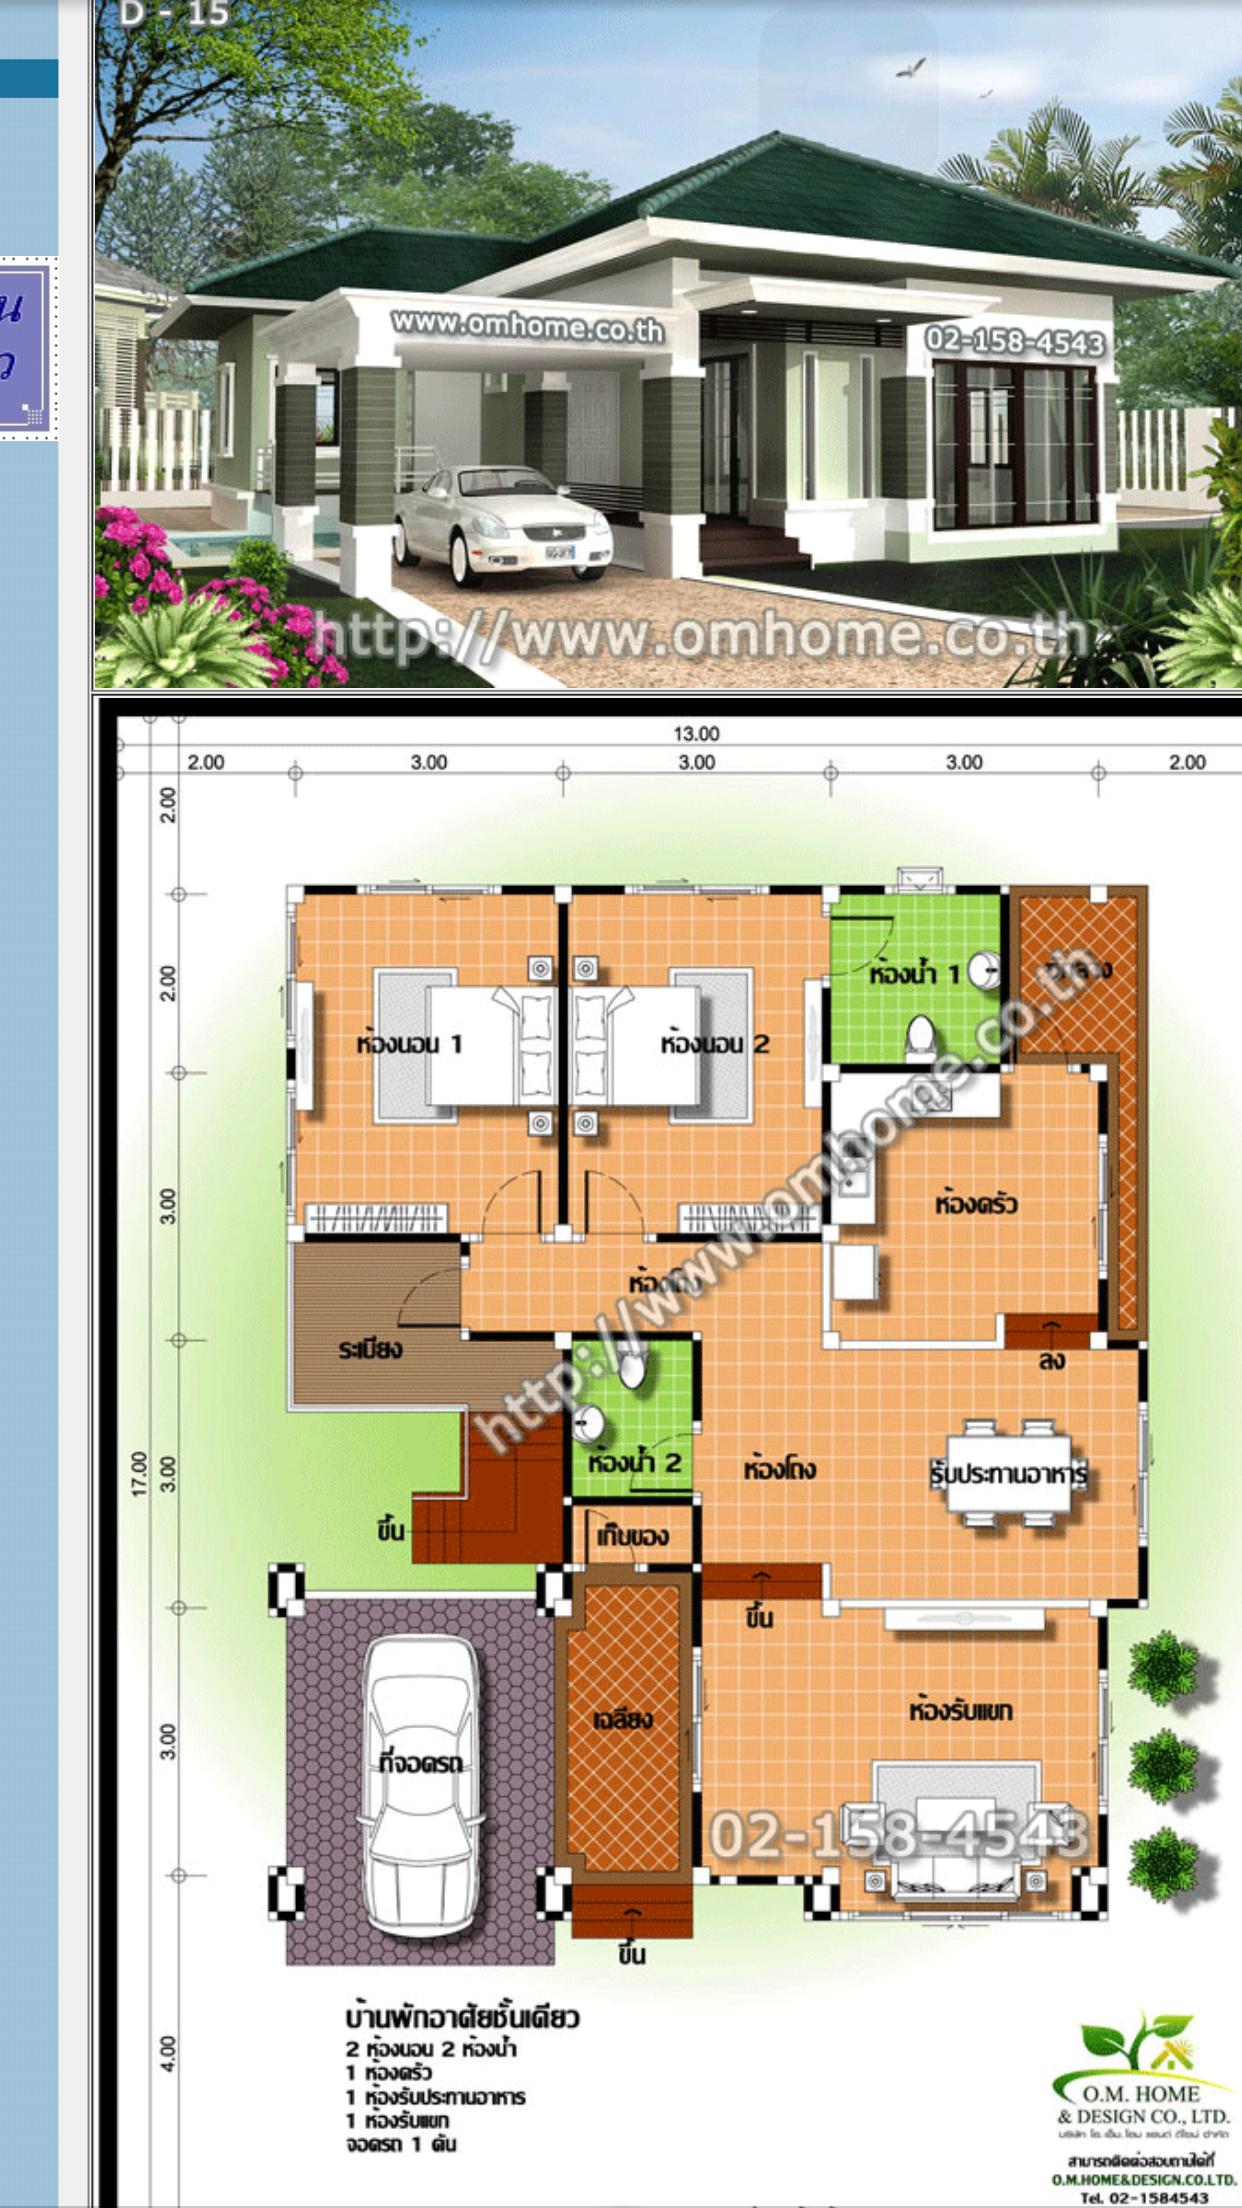 Pin Oleh Anton Stavrev Di My Home My House Rumah Indah Arsitektur Denah Rumah